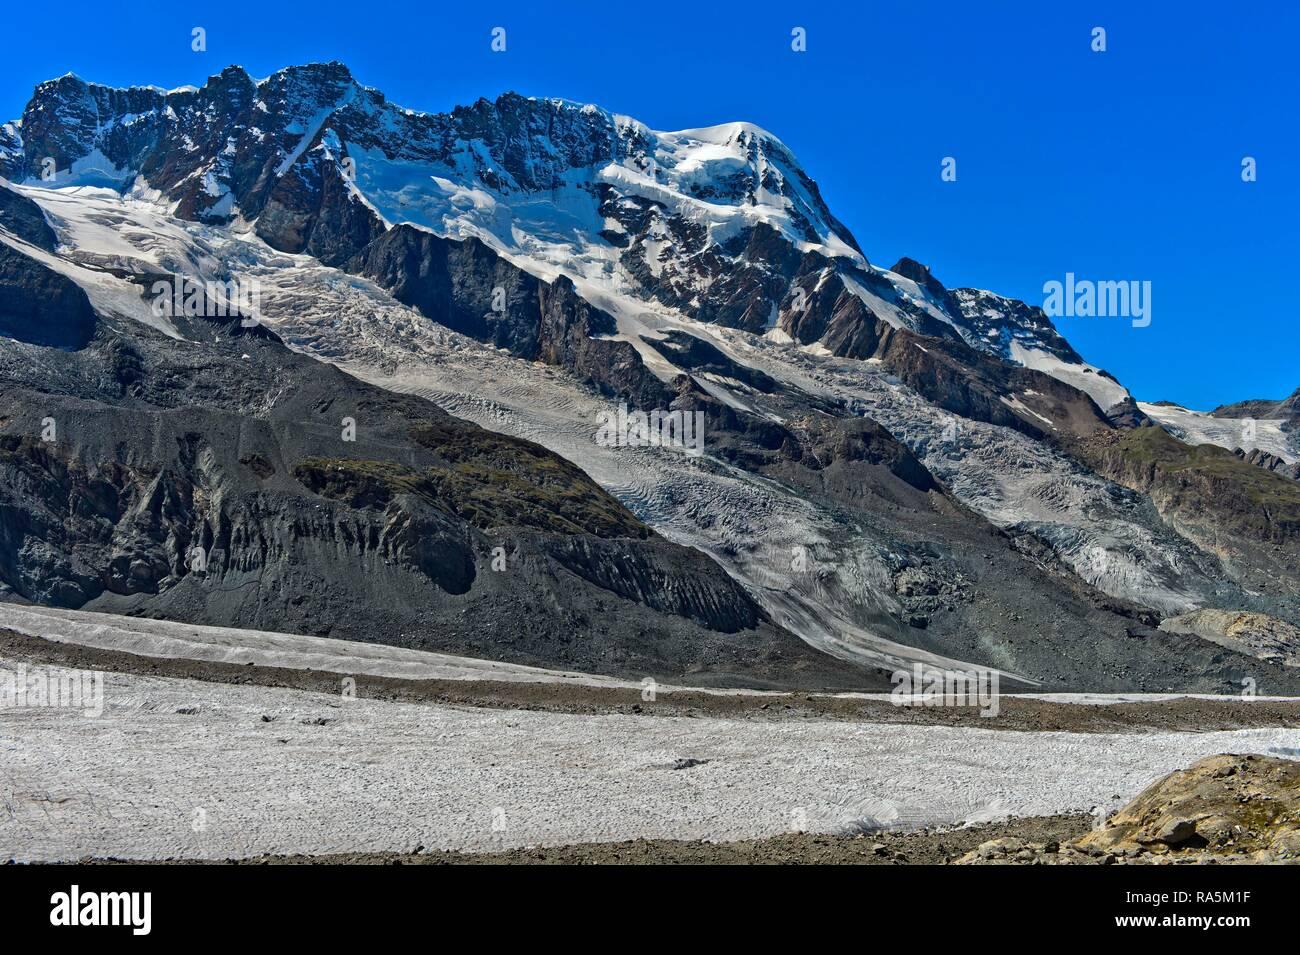 Breithorn and Breithorn Glacier and Schwärz Glacier, Zermatt, Valais, Switzerland - Stock Image